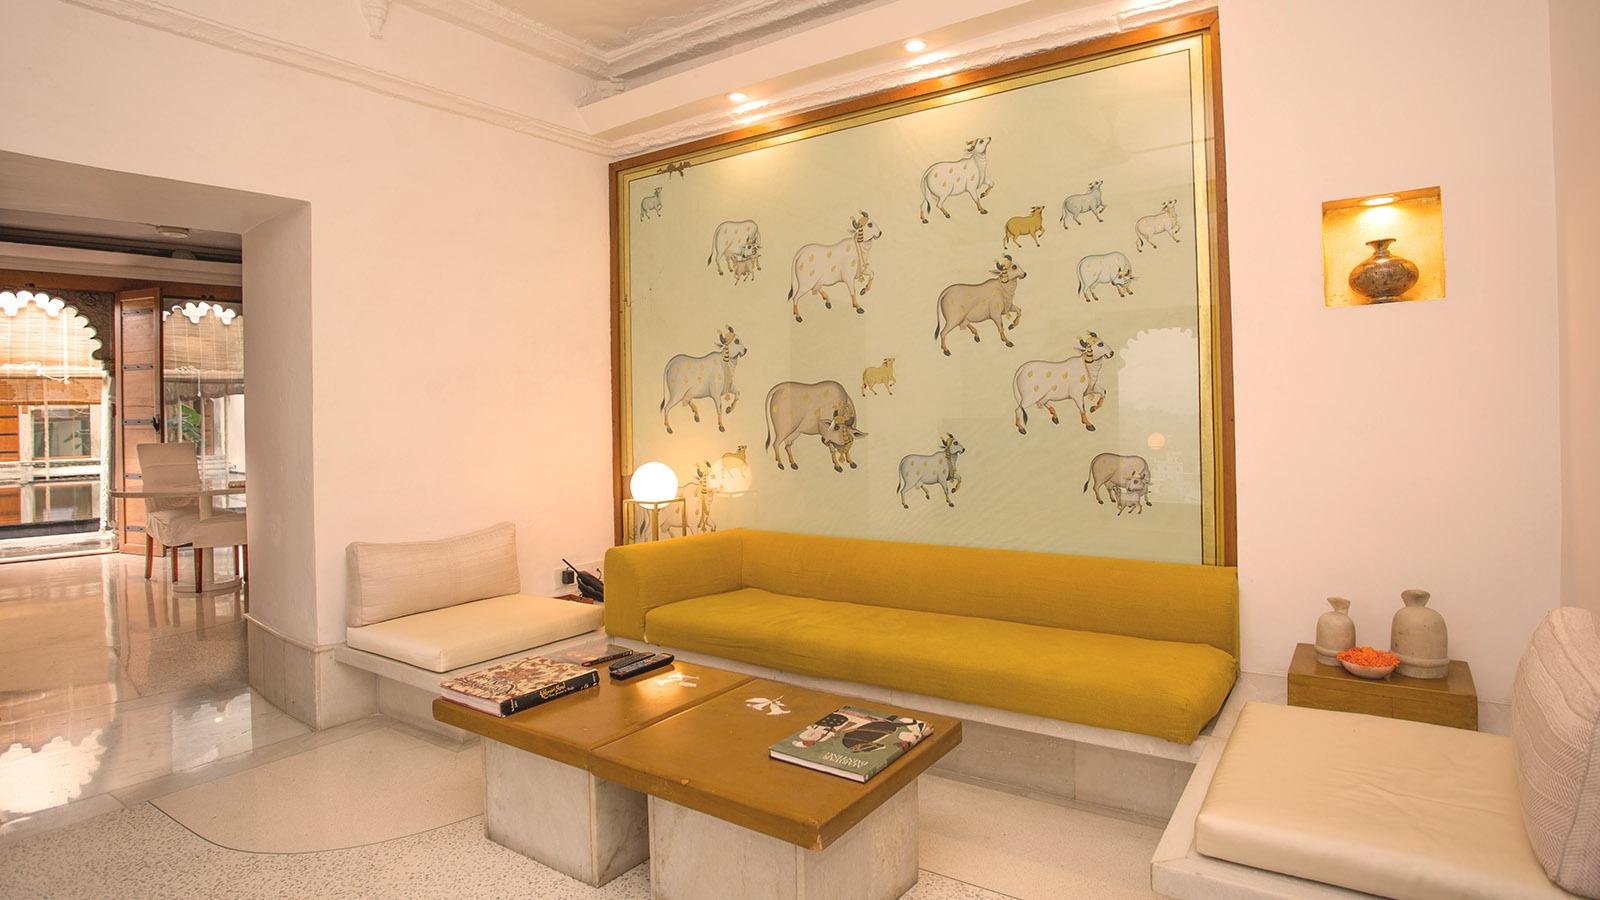 Devigarh-Suite-RAAS-Hotel-devigarh-Rajasthan-03